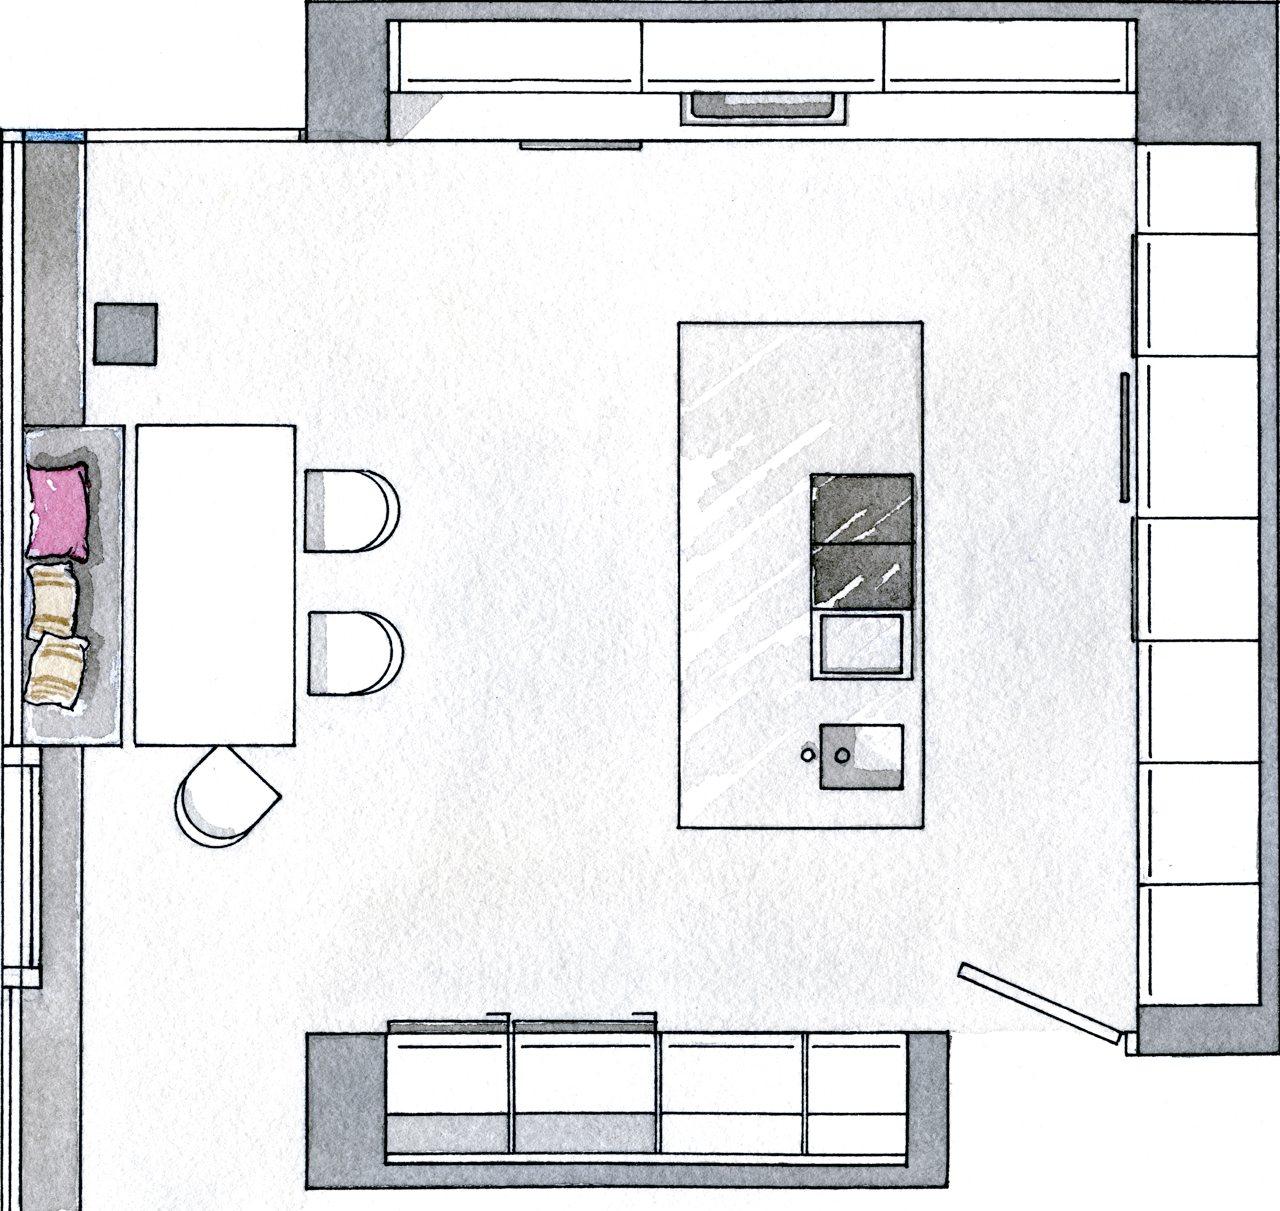 Una cocina de inspiraci n industrial for Disenar plano cocina